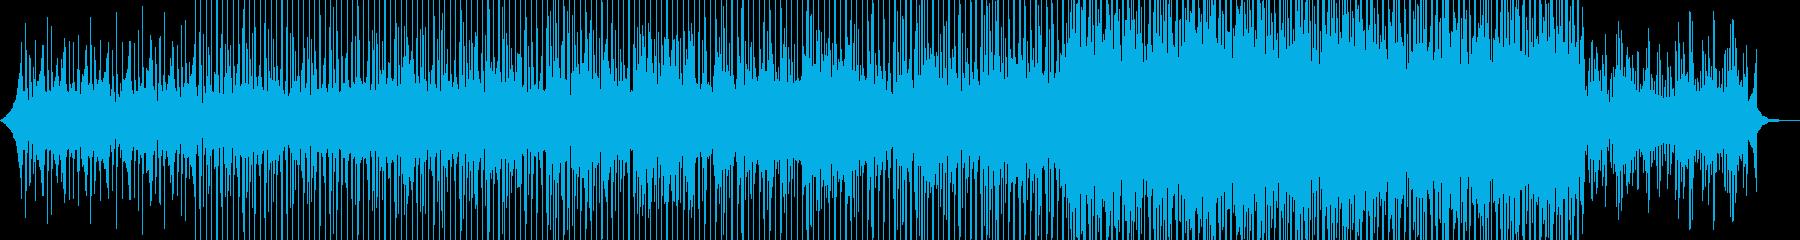 未来 テクノロジー コーポレート ...の再生済みの波形